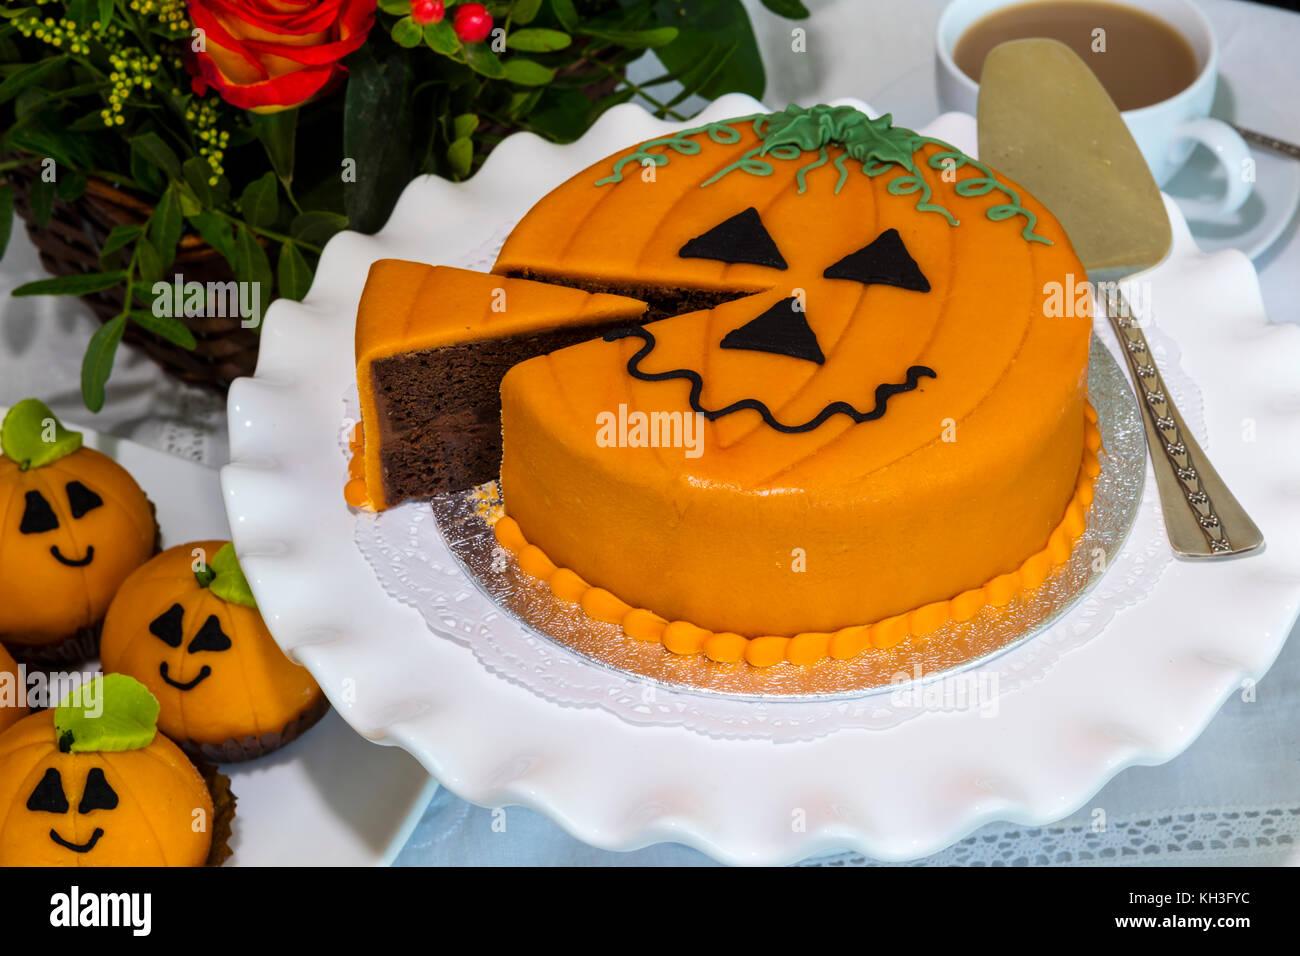 Nouveauté coupe du gâteau au chocolat et décoré de massepain et de givrage dans thème de Photo Stock